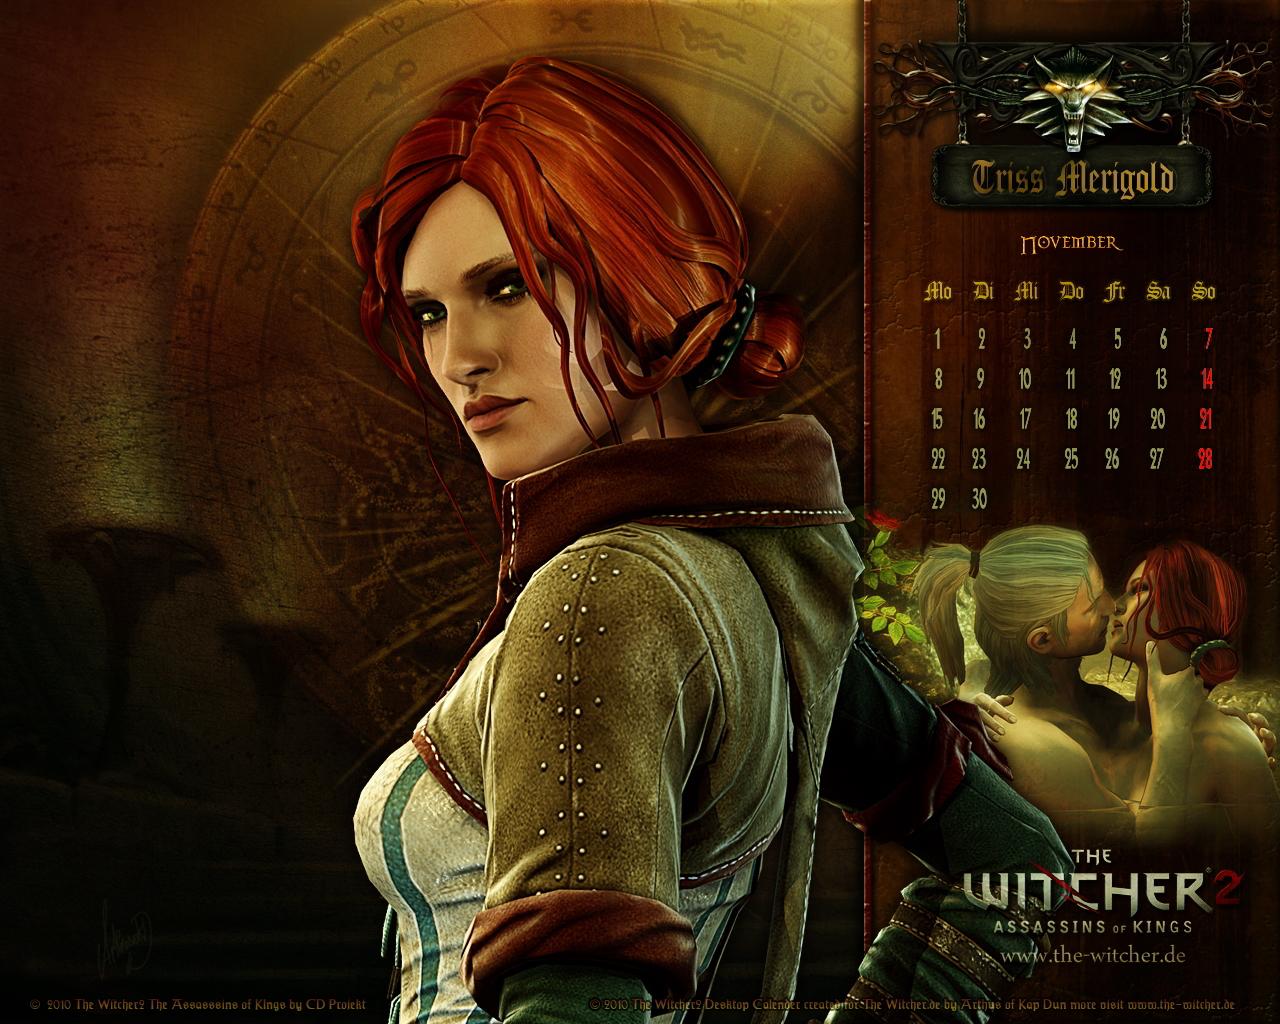 The Witcher 2 Assassins of Kings Wallpaper 742925   Zerochan 1280x1024